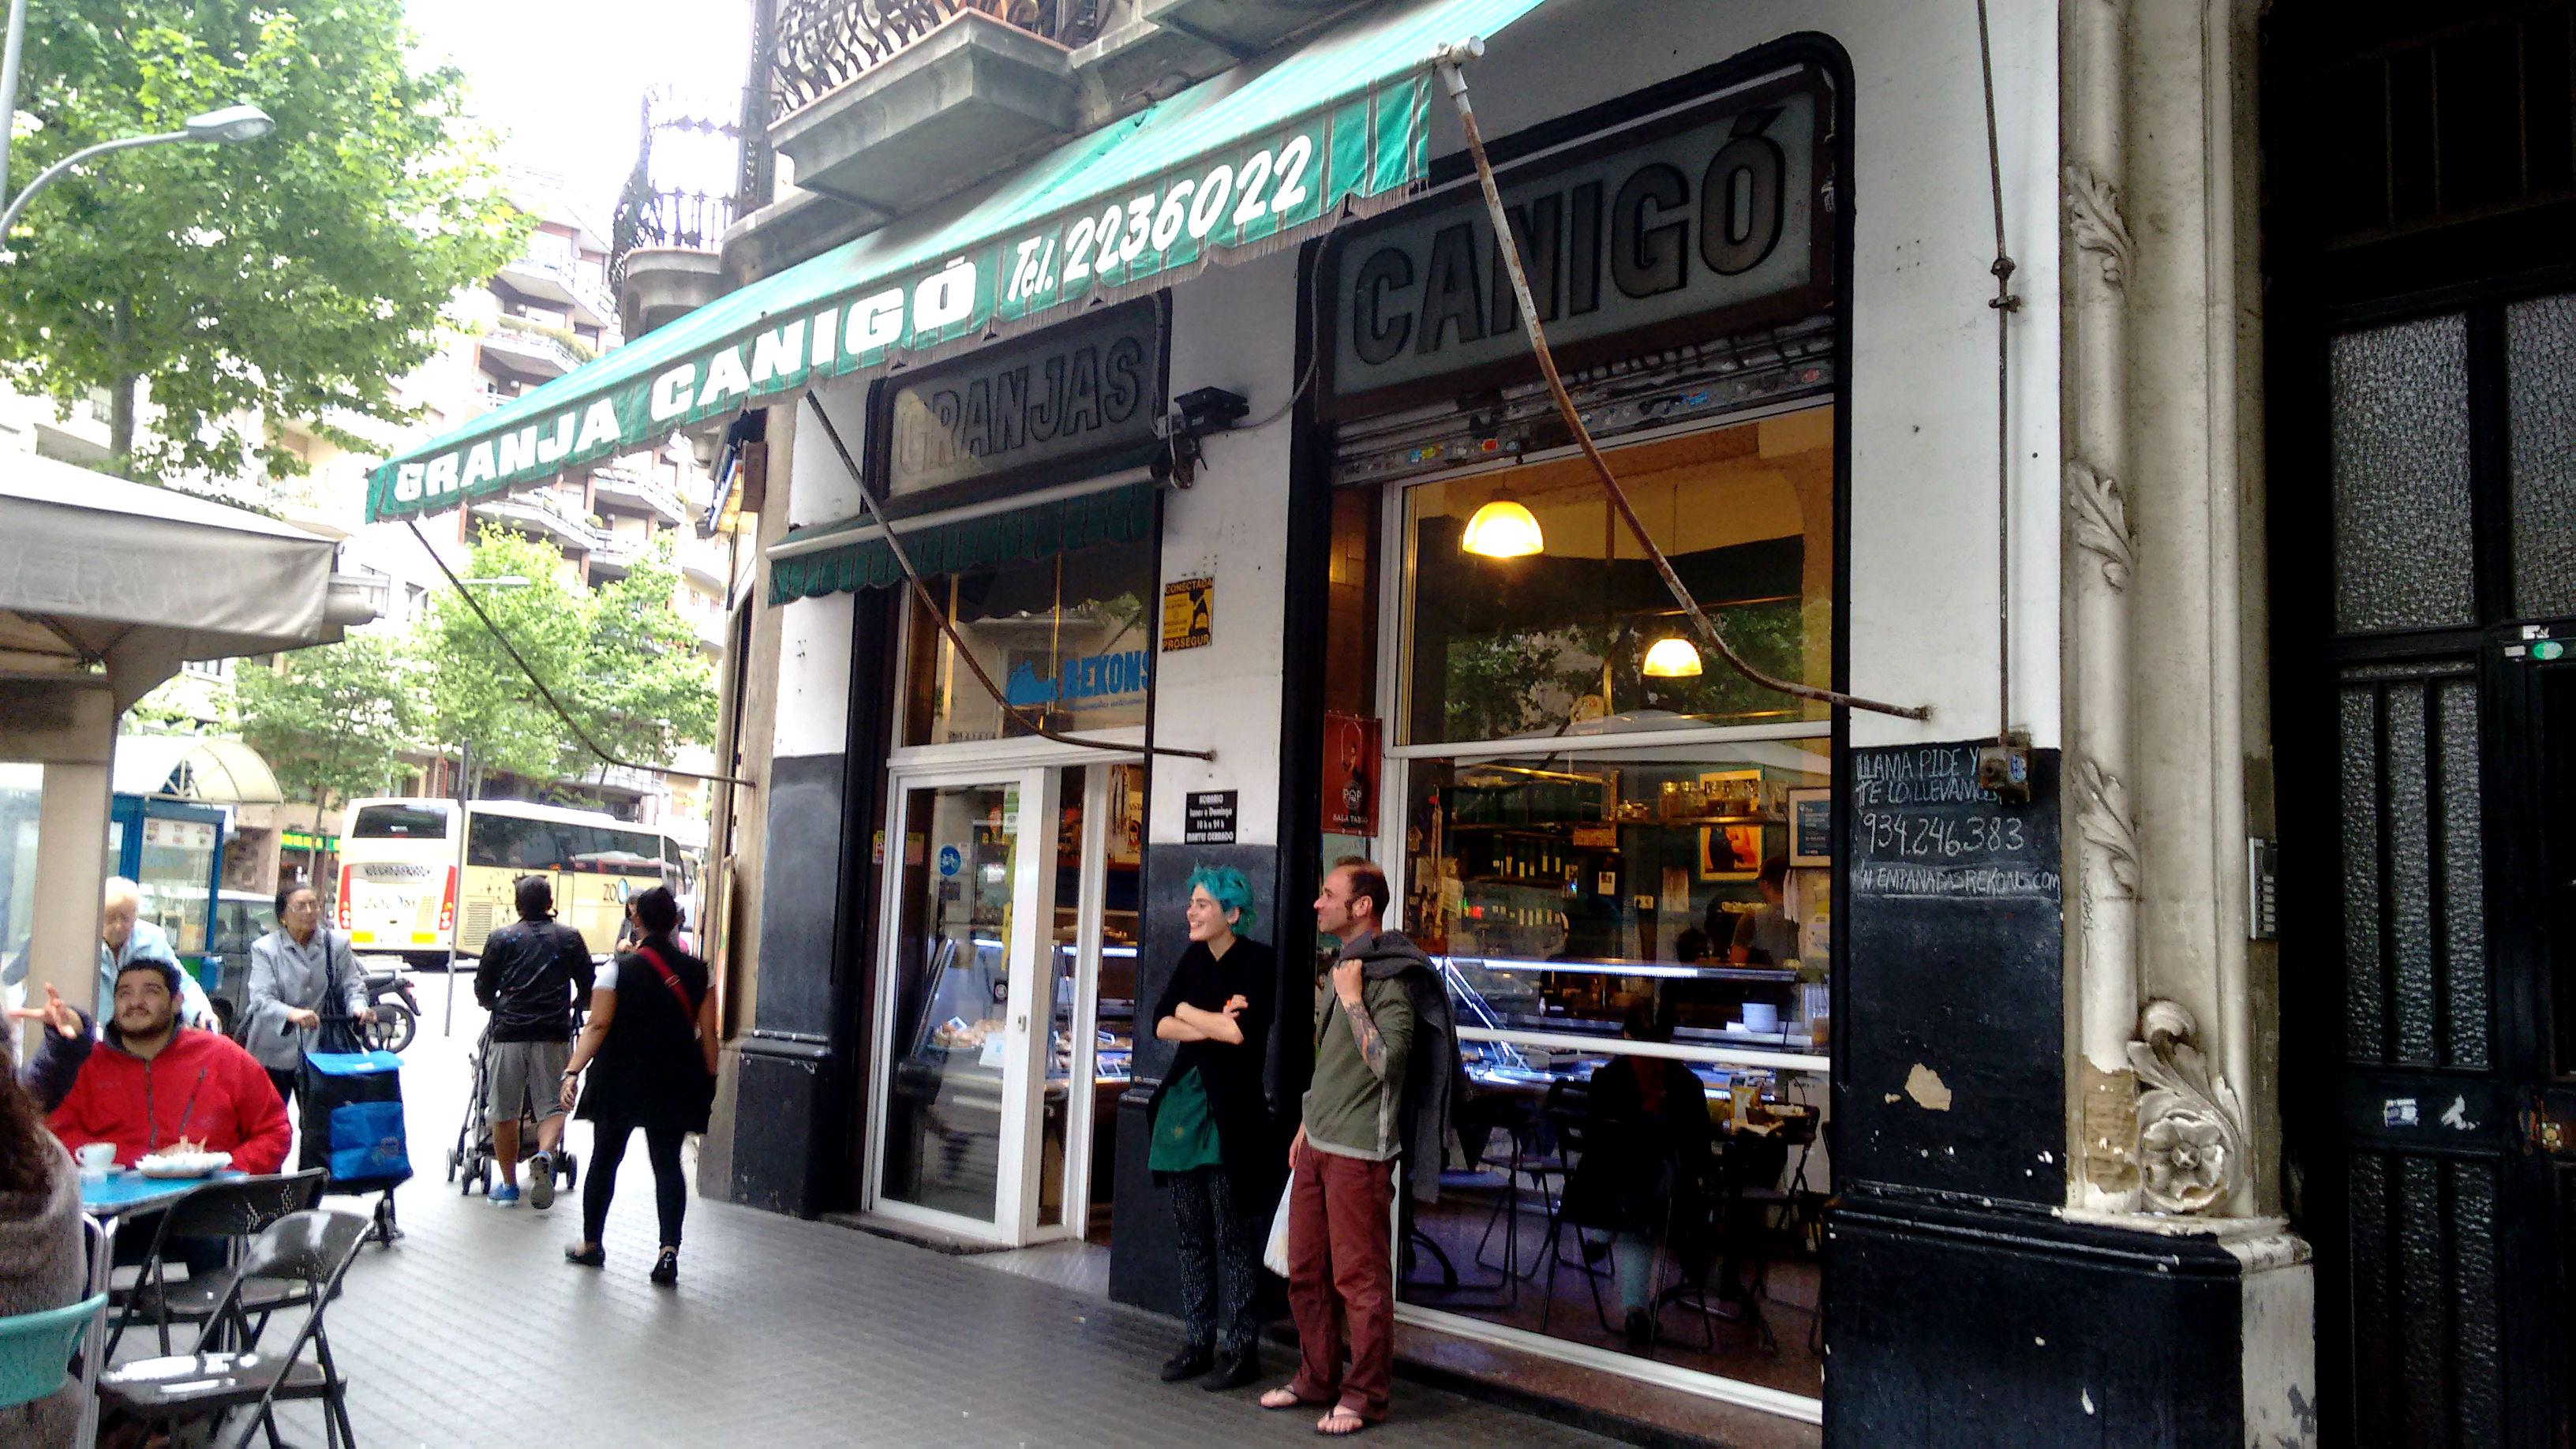 Restaurante de empanadas argentinas Rekons (Granja Canigo)